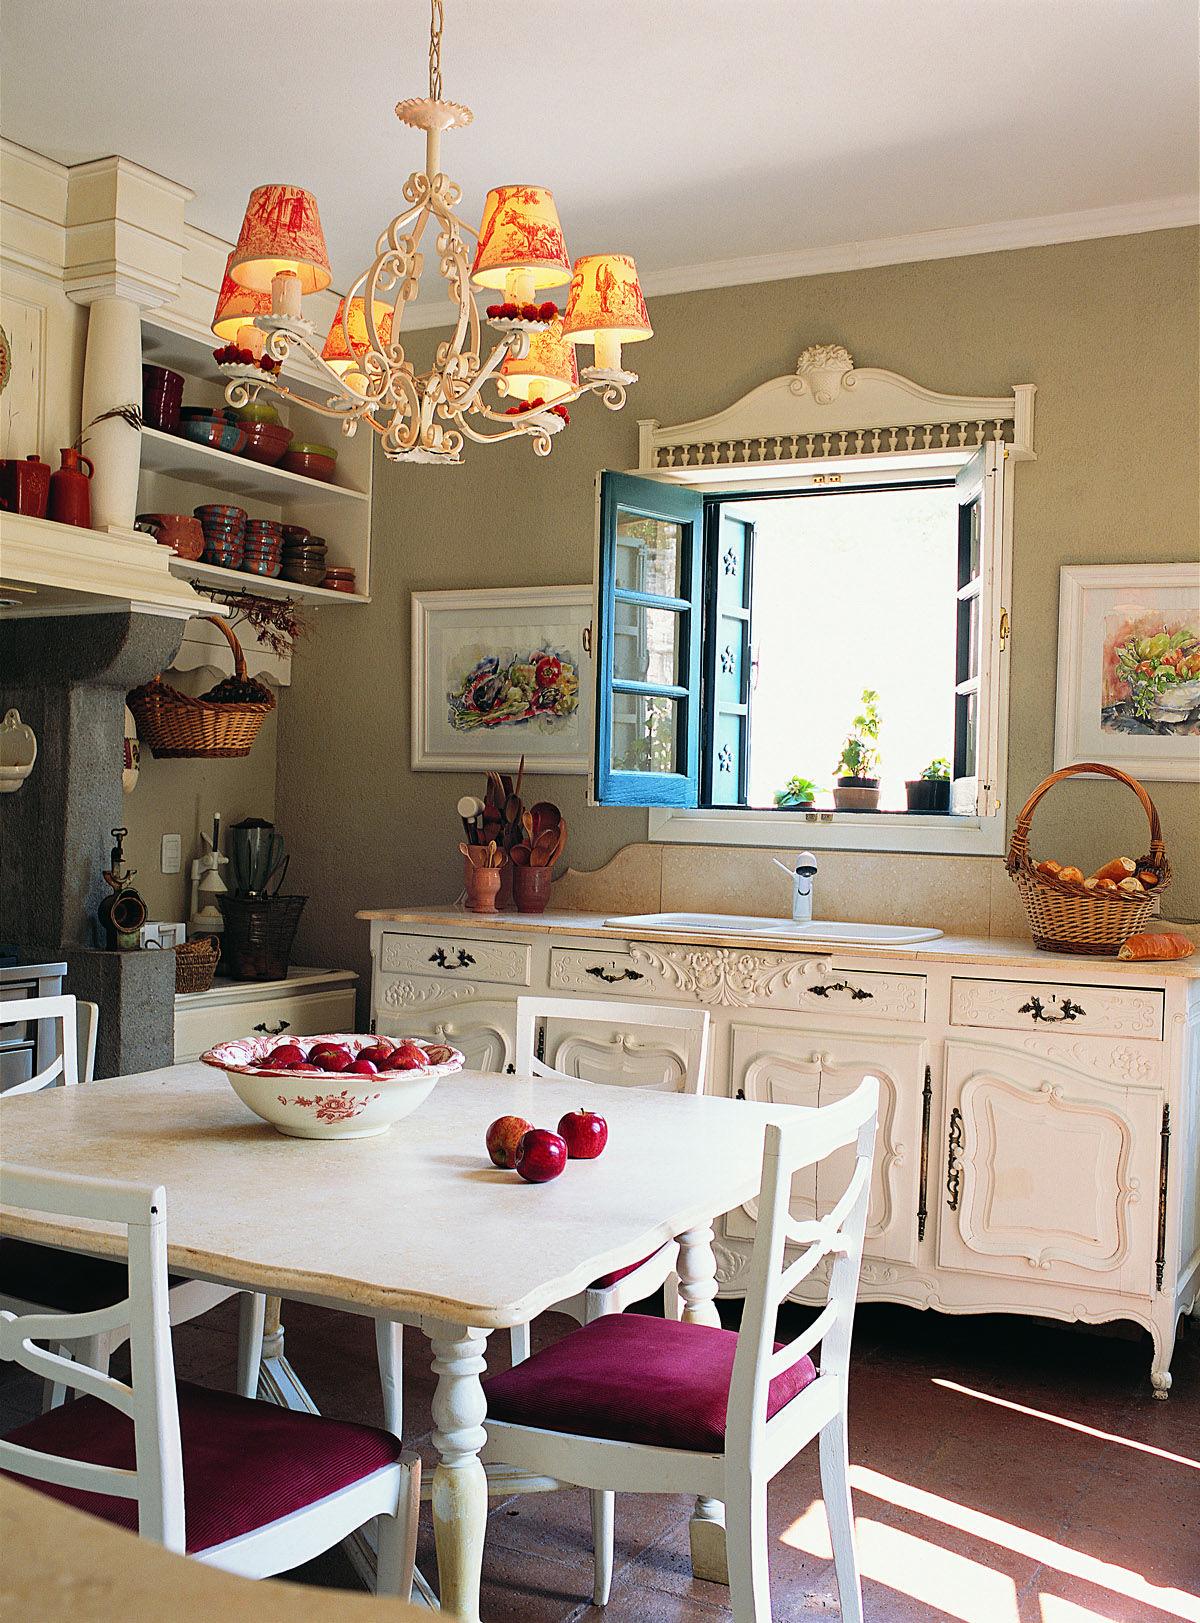 La casa encendida: Rústica y confortable entre las sierras | Cocina ...